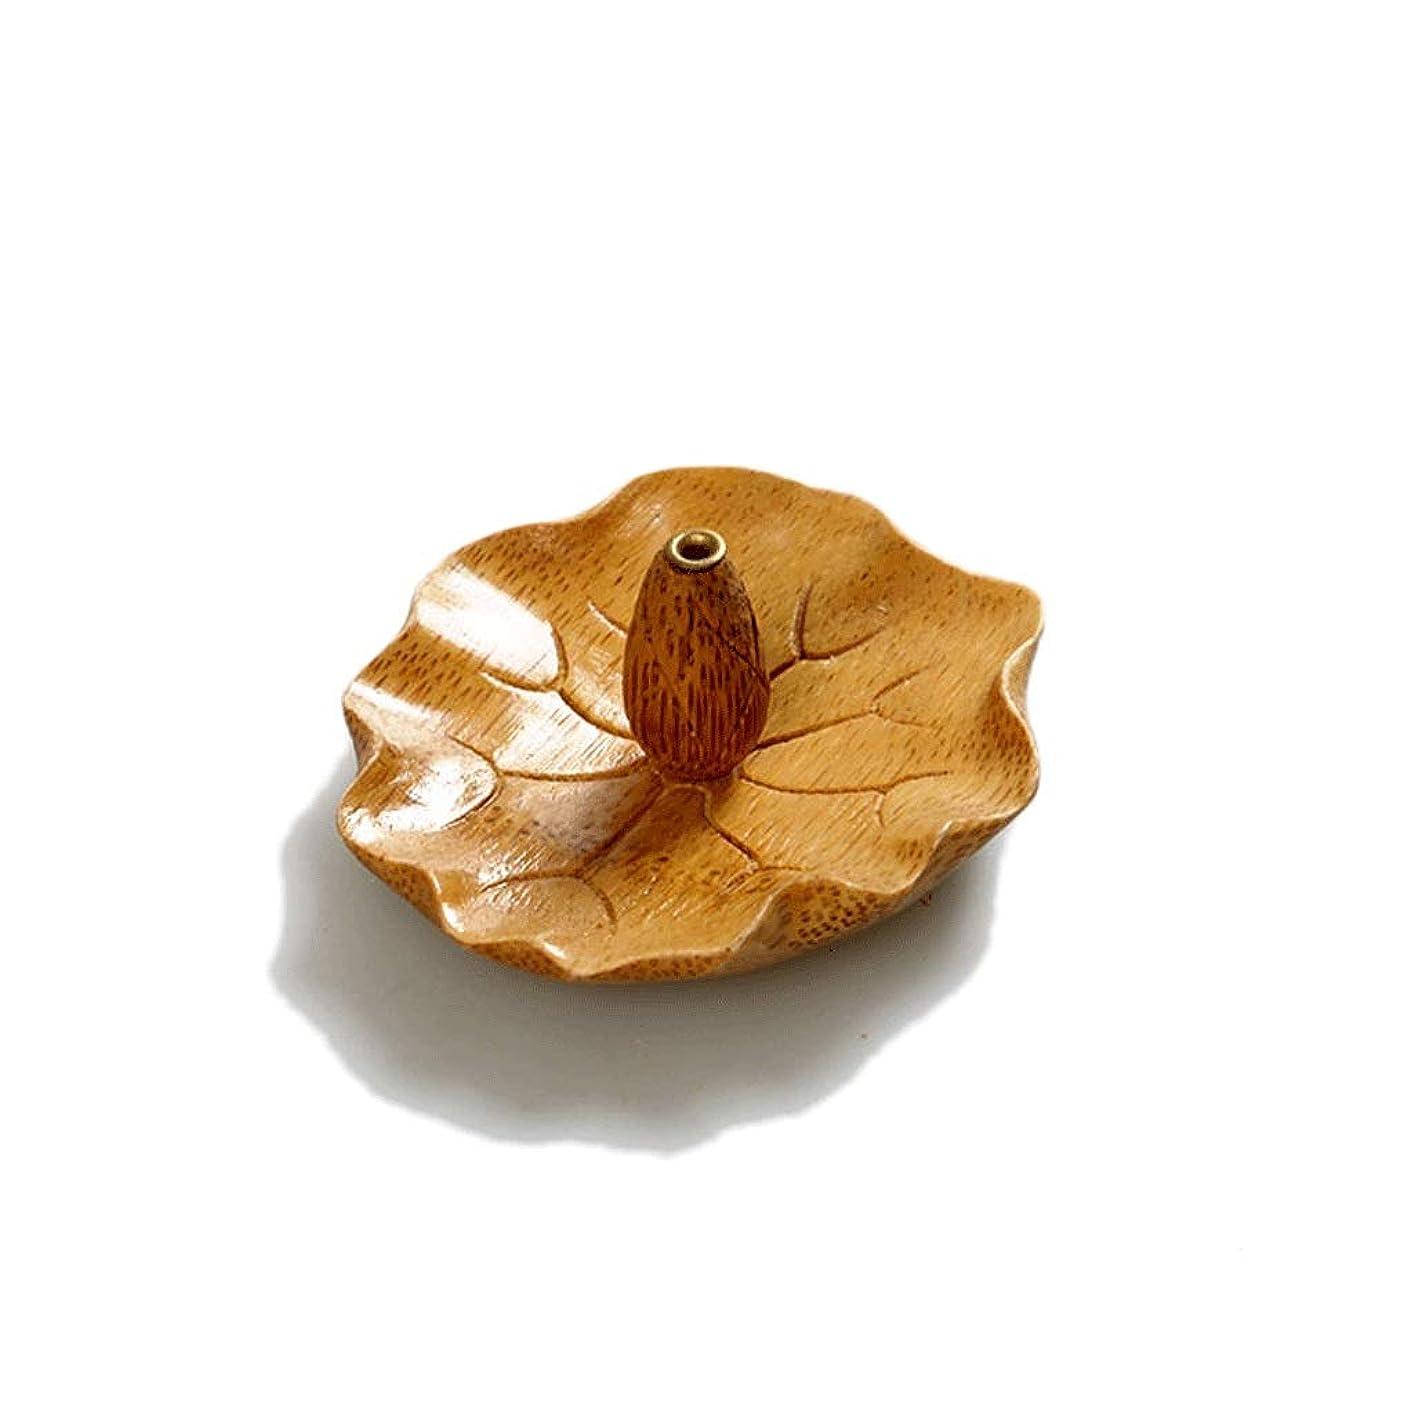 シソーラス練習料理クリエイティブ竹香ホルダー瞑想香バーナー手作りの葉形の家の装飾香スティックコーンバーナーホルダー (Color : C)